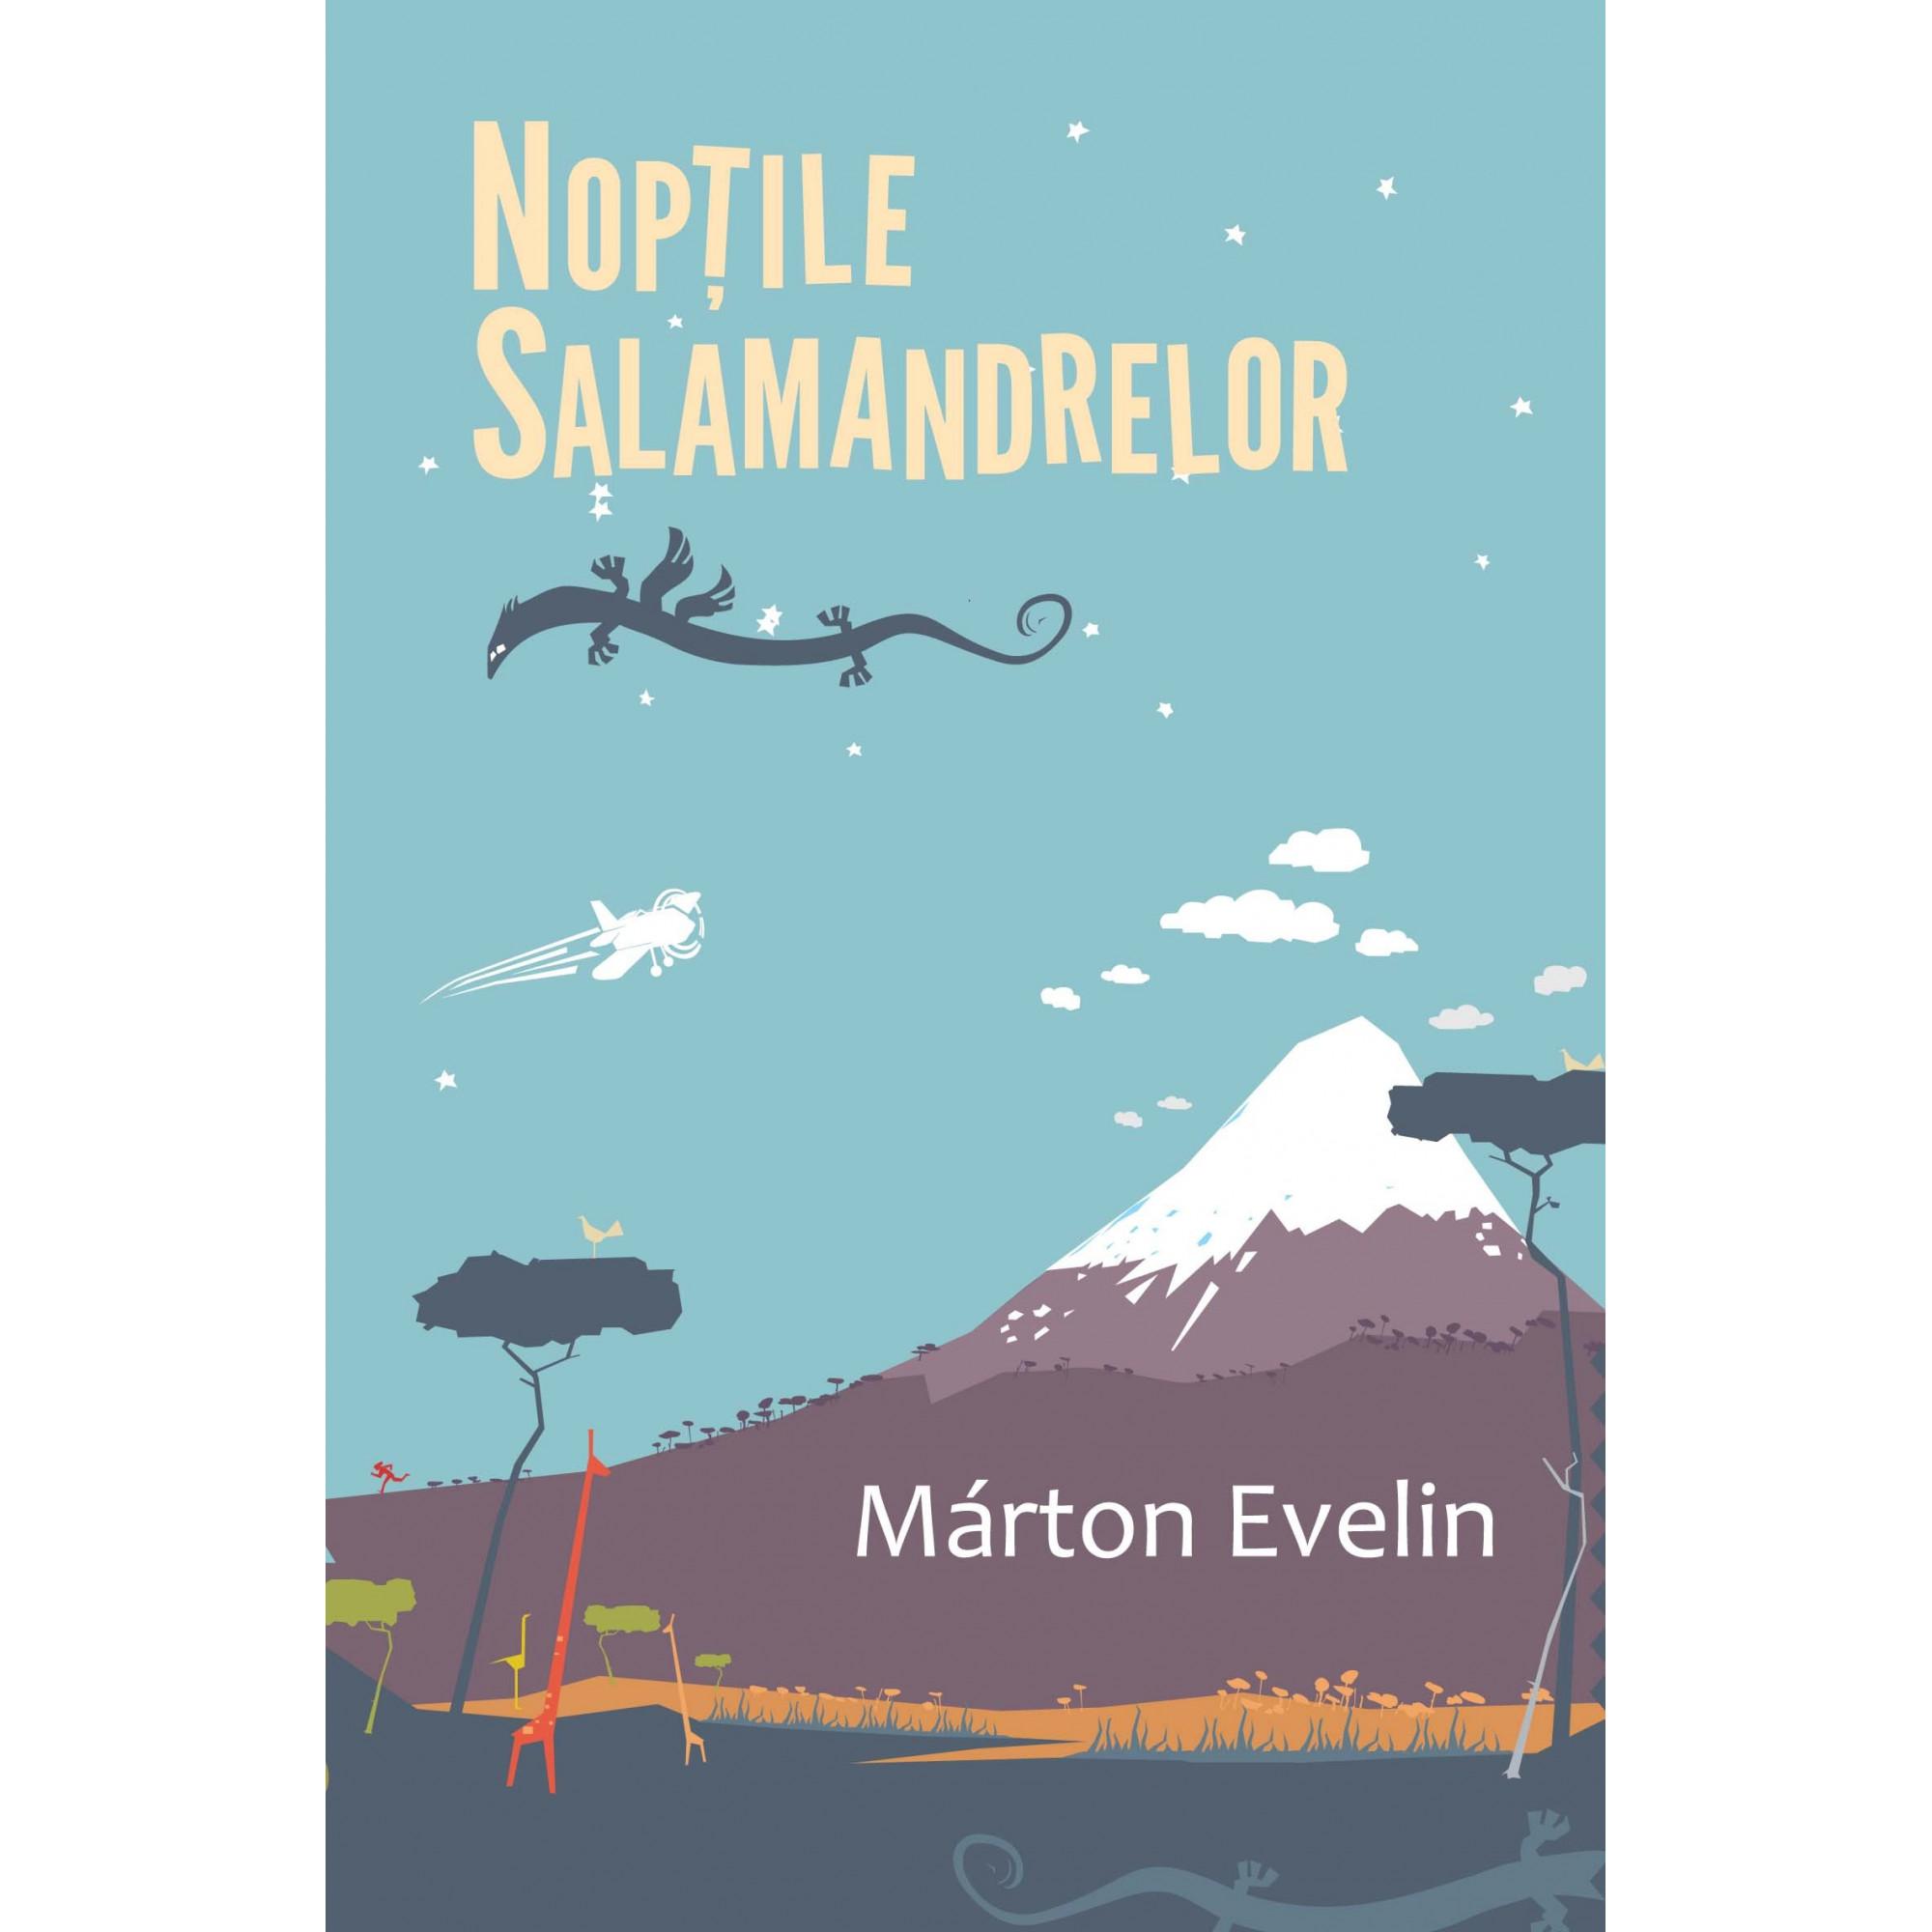 Nopțile salamandrelor; Márton Evelin